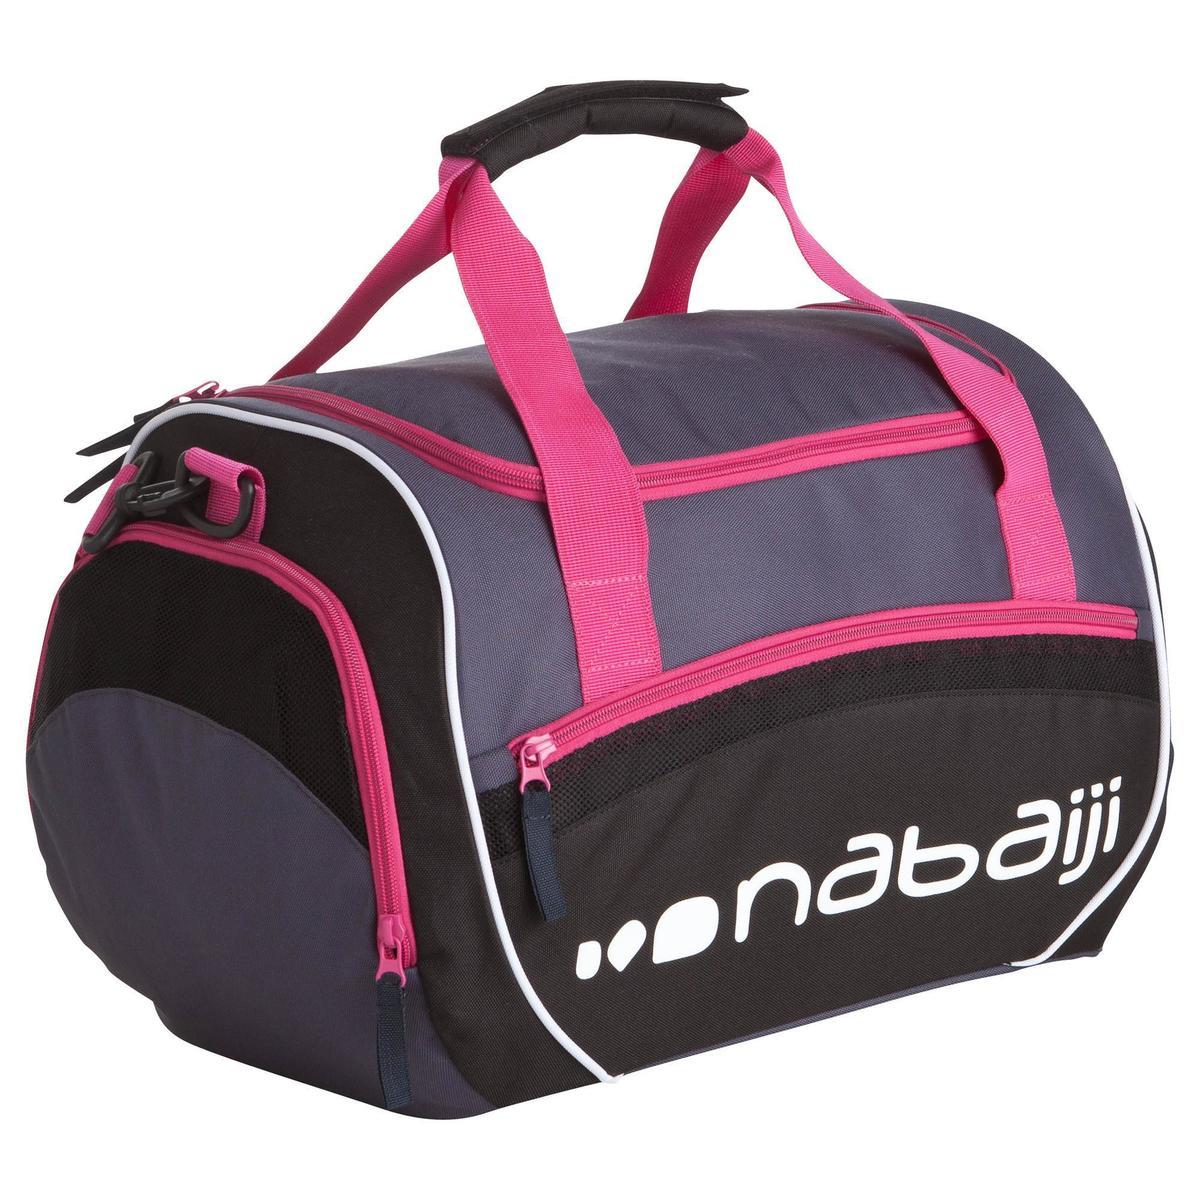 Bild 1 von Schwimmtasche Sporttasche Swimy 30 L grau/rosa